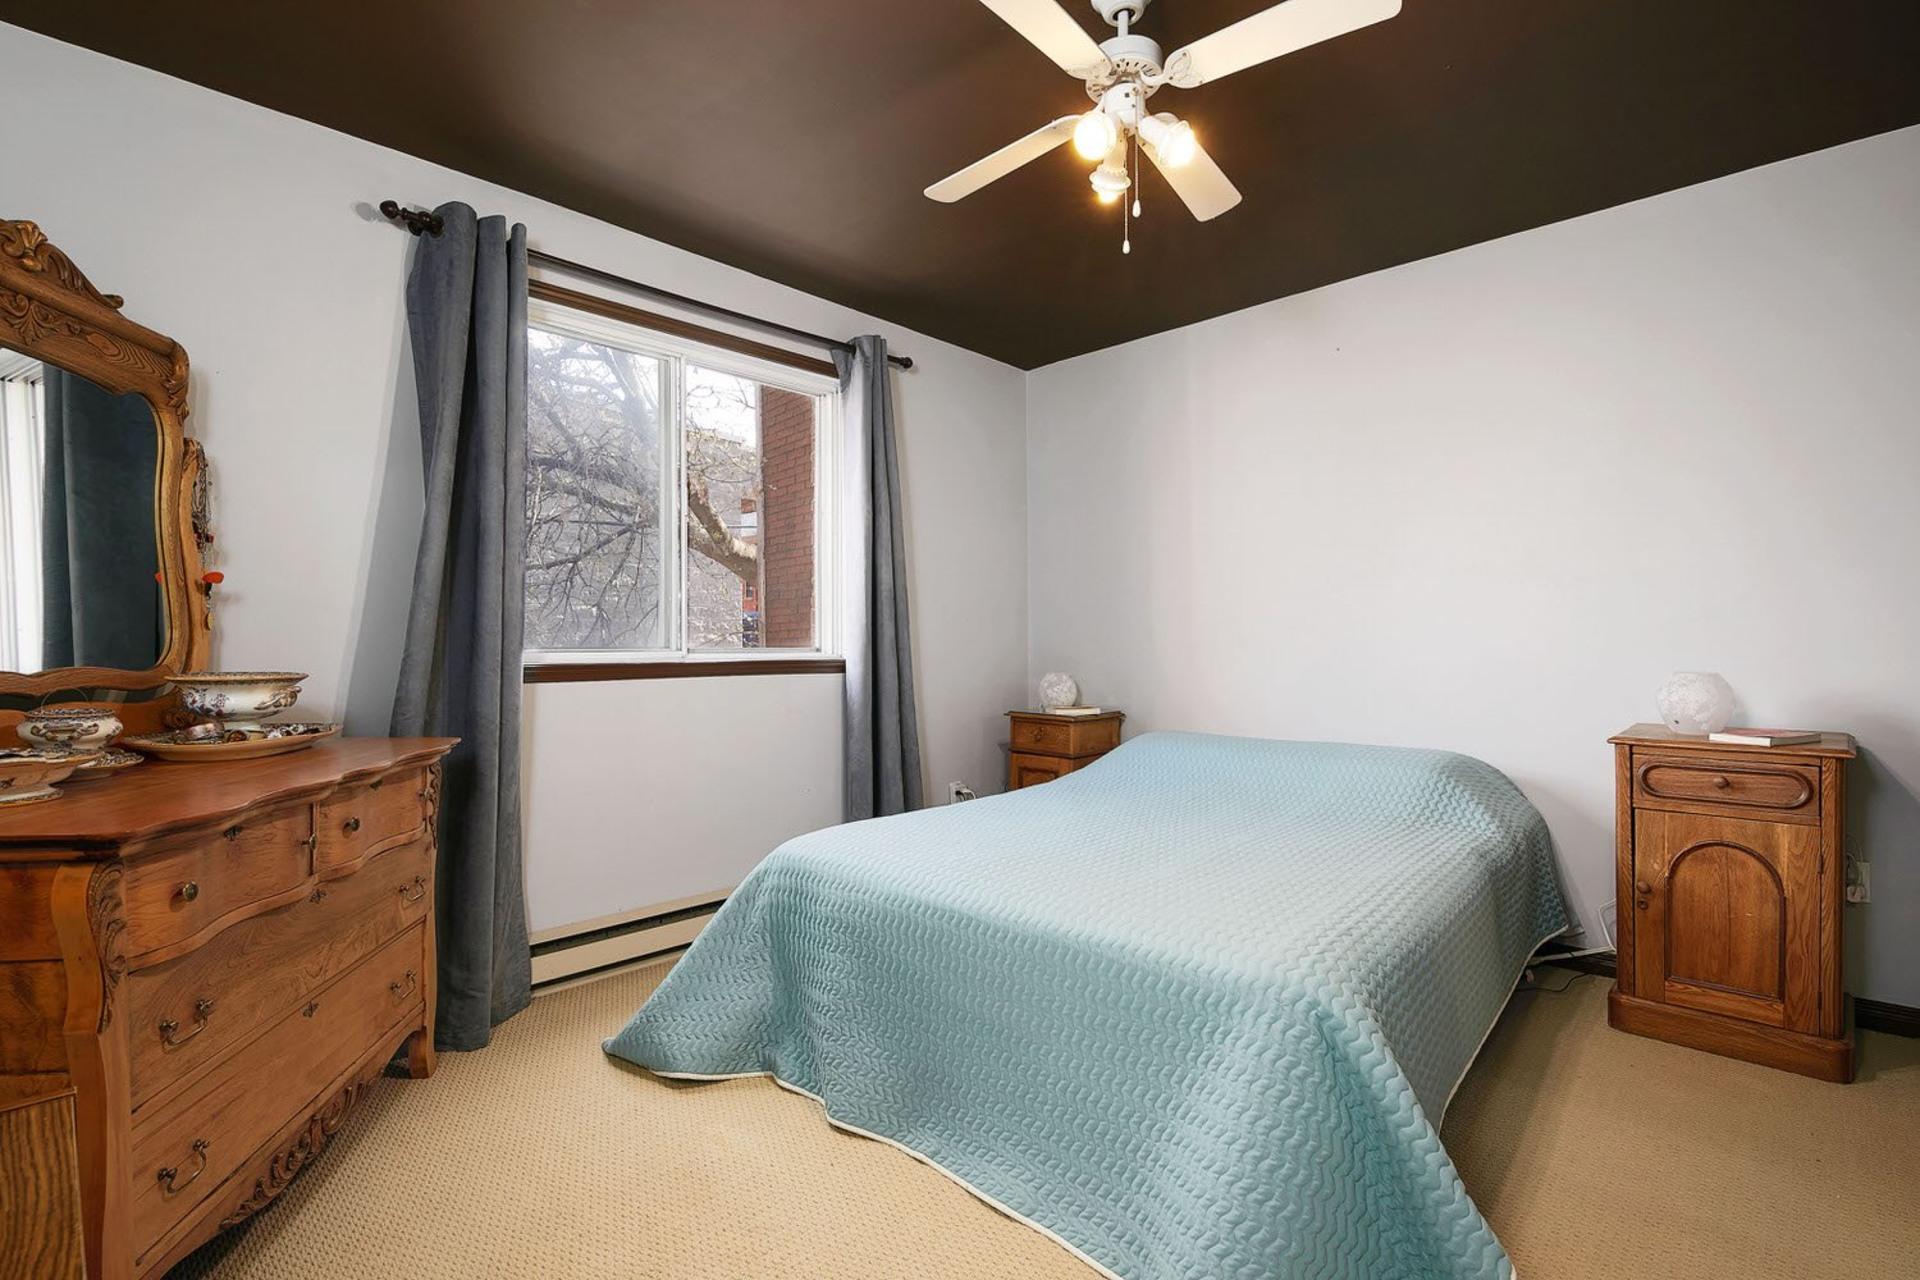 image 12 - Appartement À vendre Le Plateau-Mont-Royal Montréal  - 6 pièces